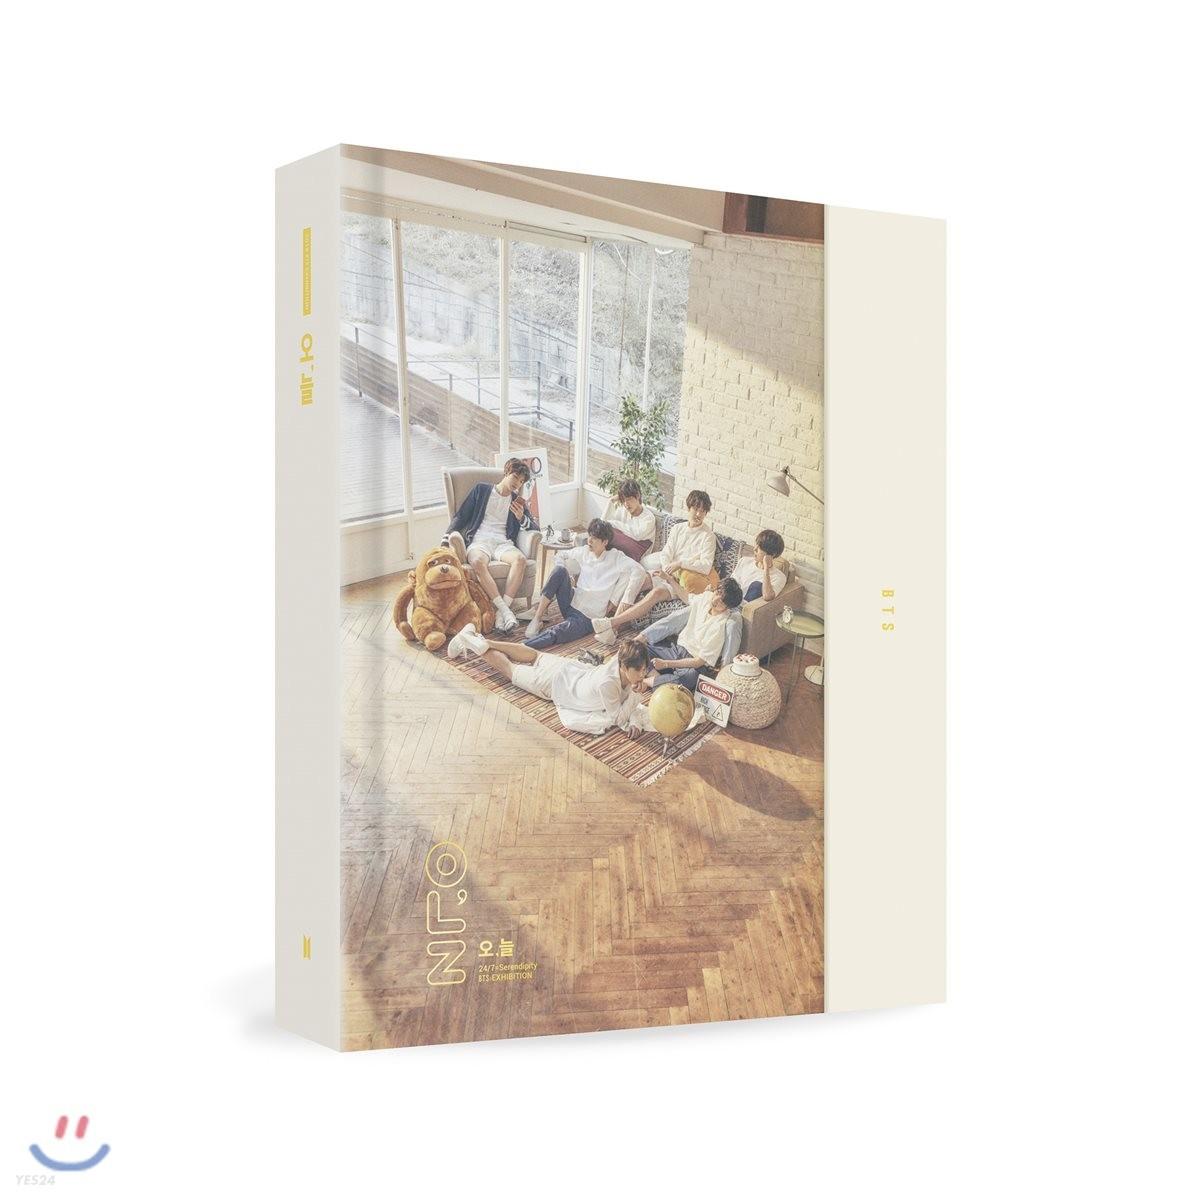 방탄소년단 (BTS) - 2018 BTS Exhibition Book [오,늘]